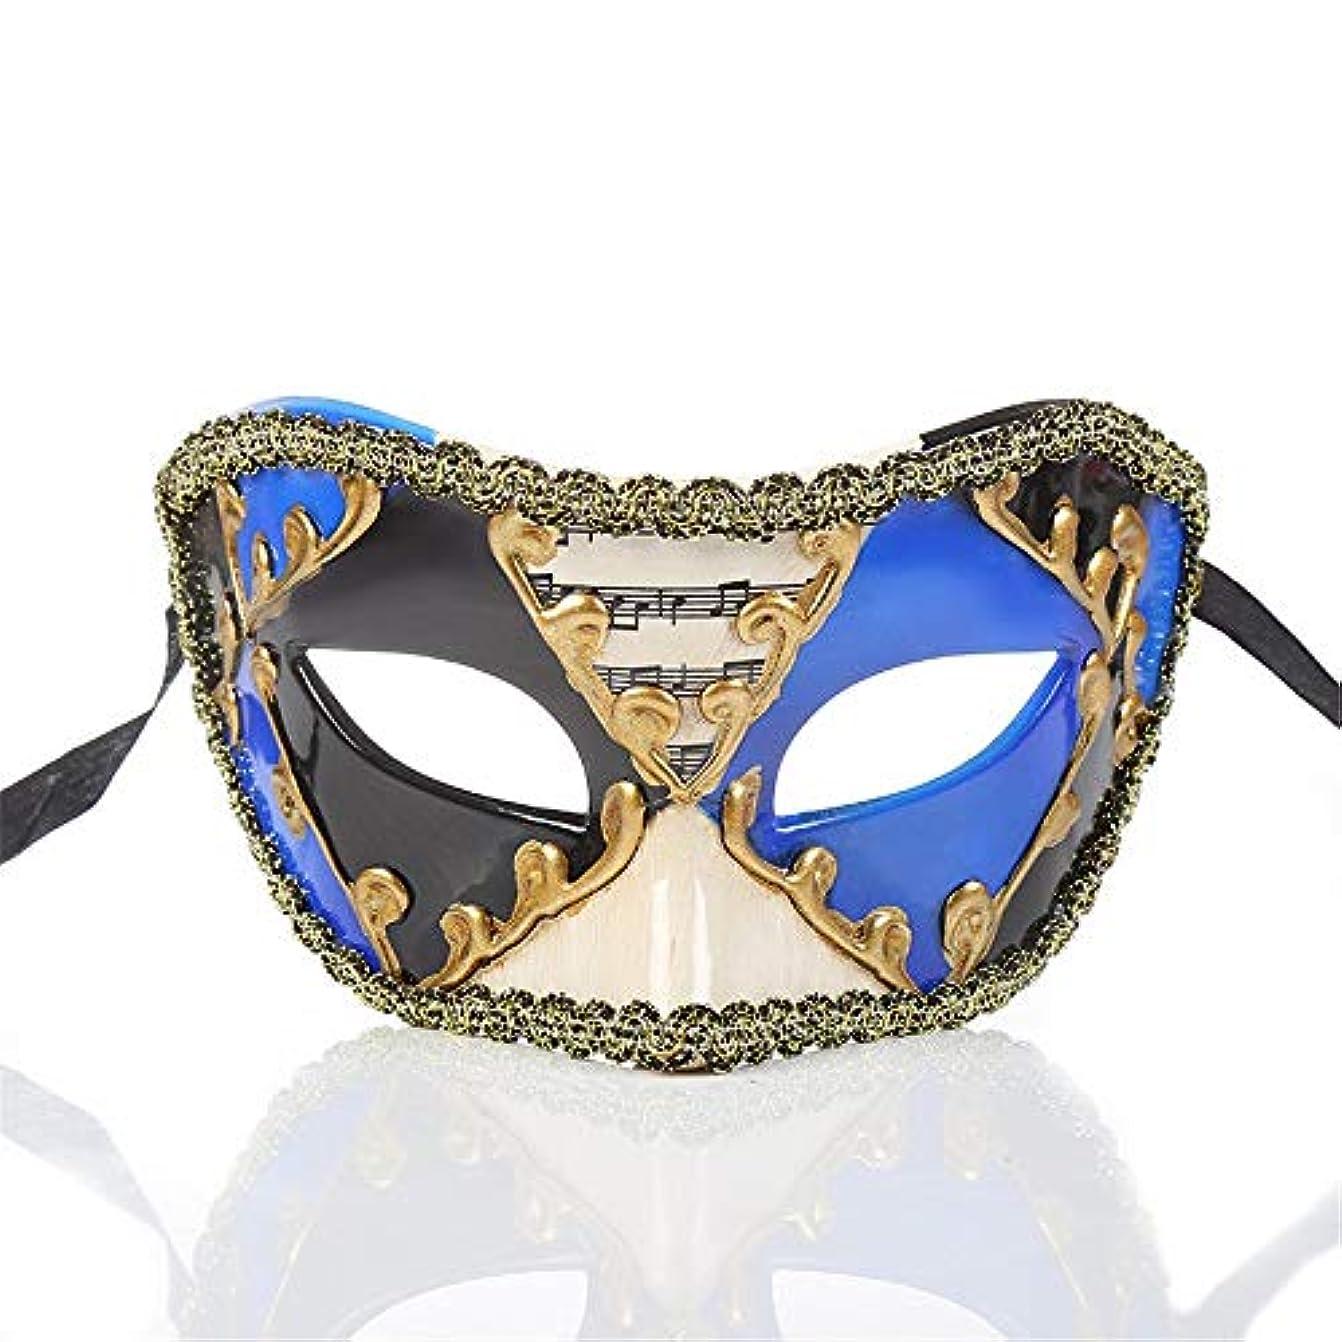 ダイヤモンド化石ヨーグルトダンスマスク ヴィンテージクラシックハーフフェイスクラウンミュージカルノート装飾マスクフェスティバルロールプレイングプラスチックマスク ホリデーパーティー用品 (色 : 青, サイズ : 16.5x8cm)